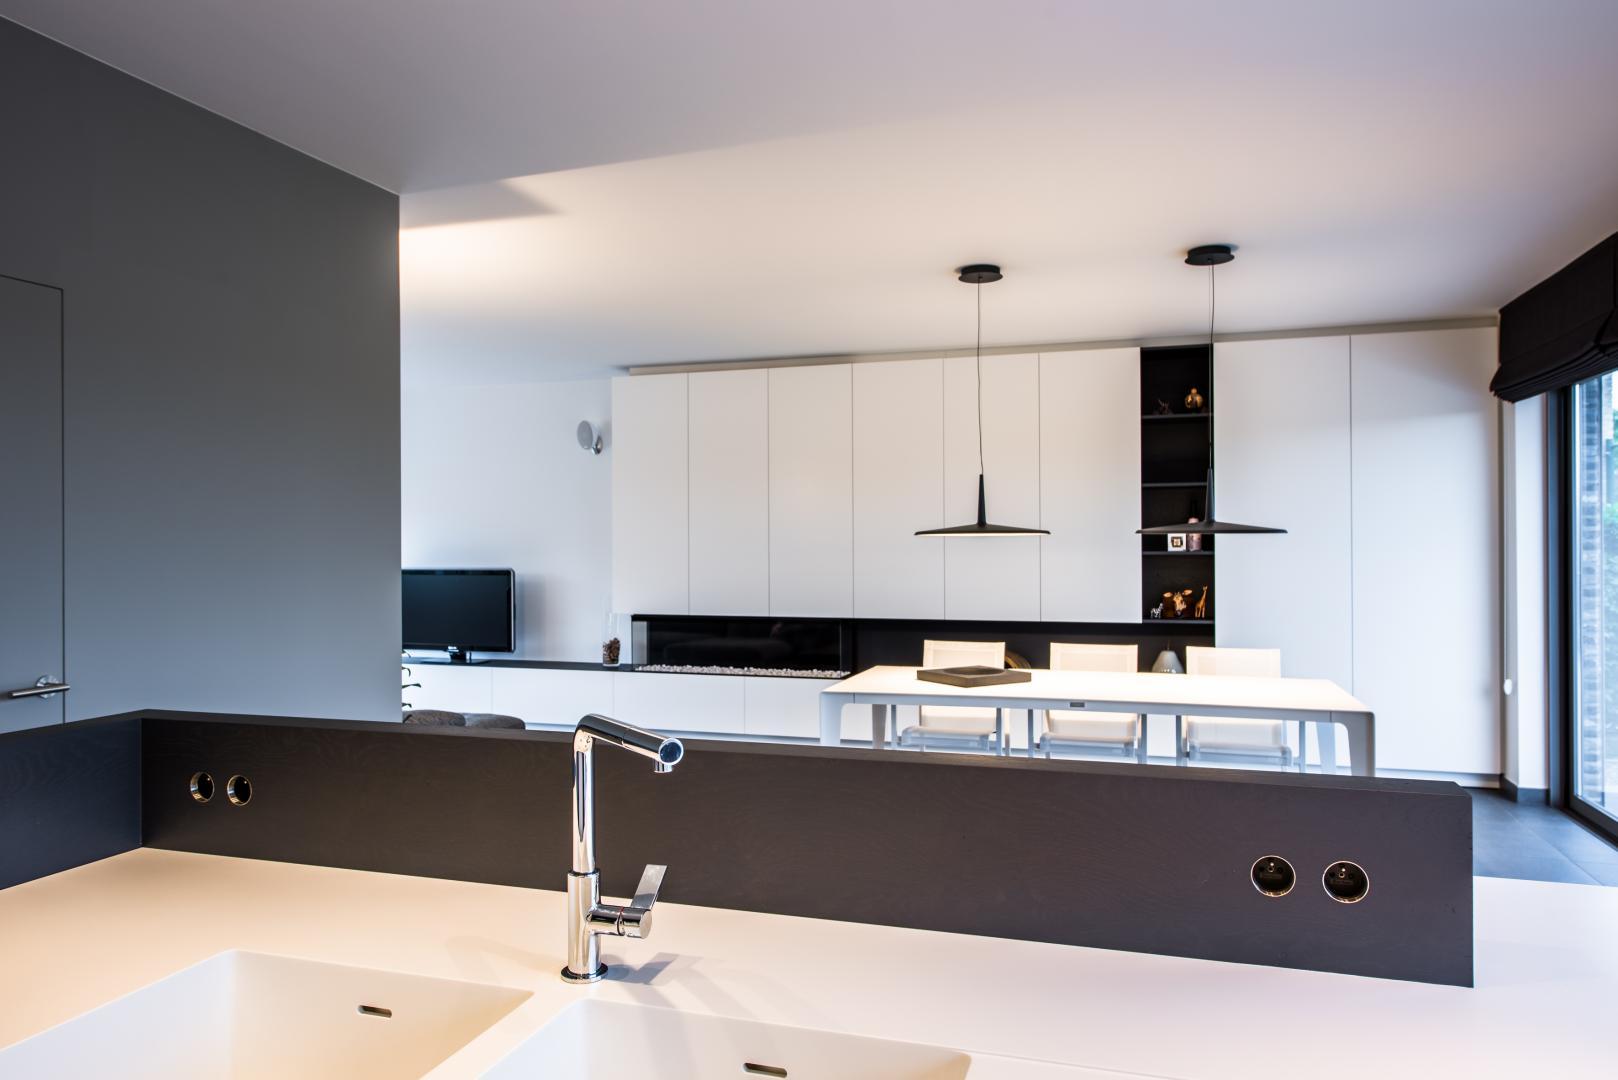 Design Stopcontact Keuken : Keuken pb jacobs solid surface